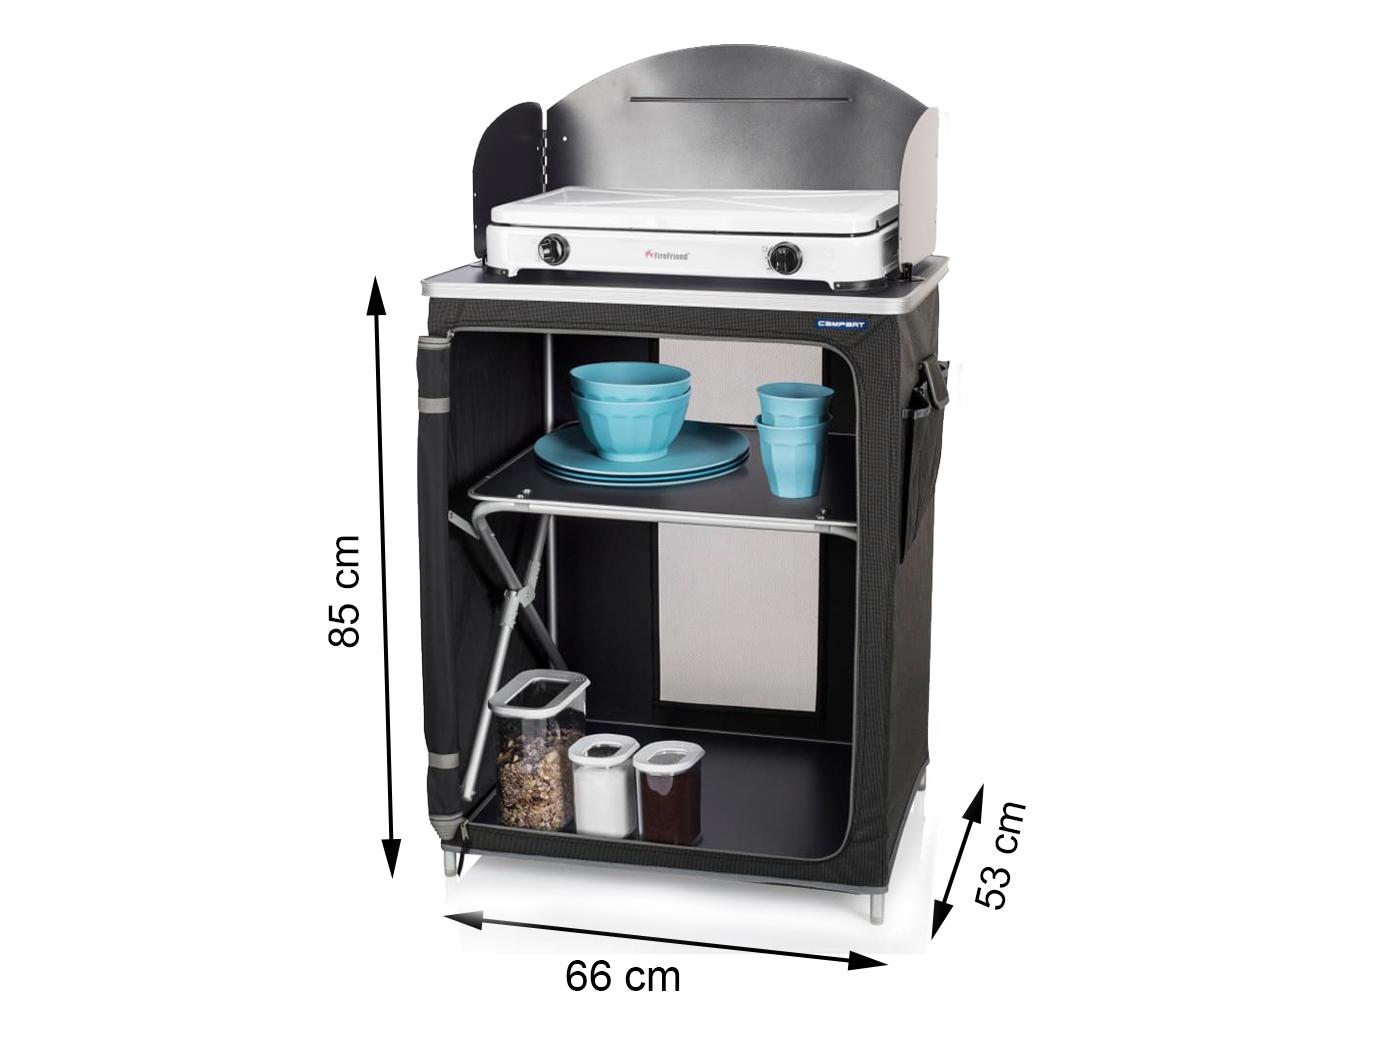 Stabiles Camper Küchenmodul mit 4 Windschutz + 4 mit verstellbaren Füssen, faltbar daca46